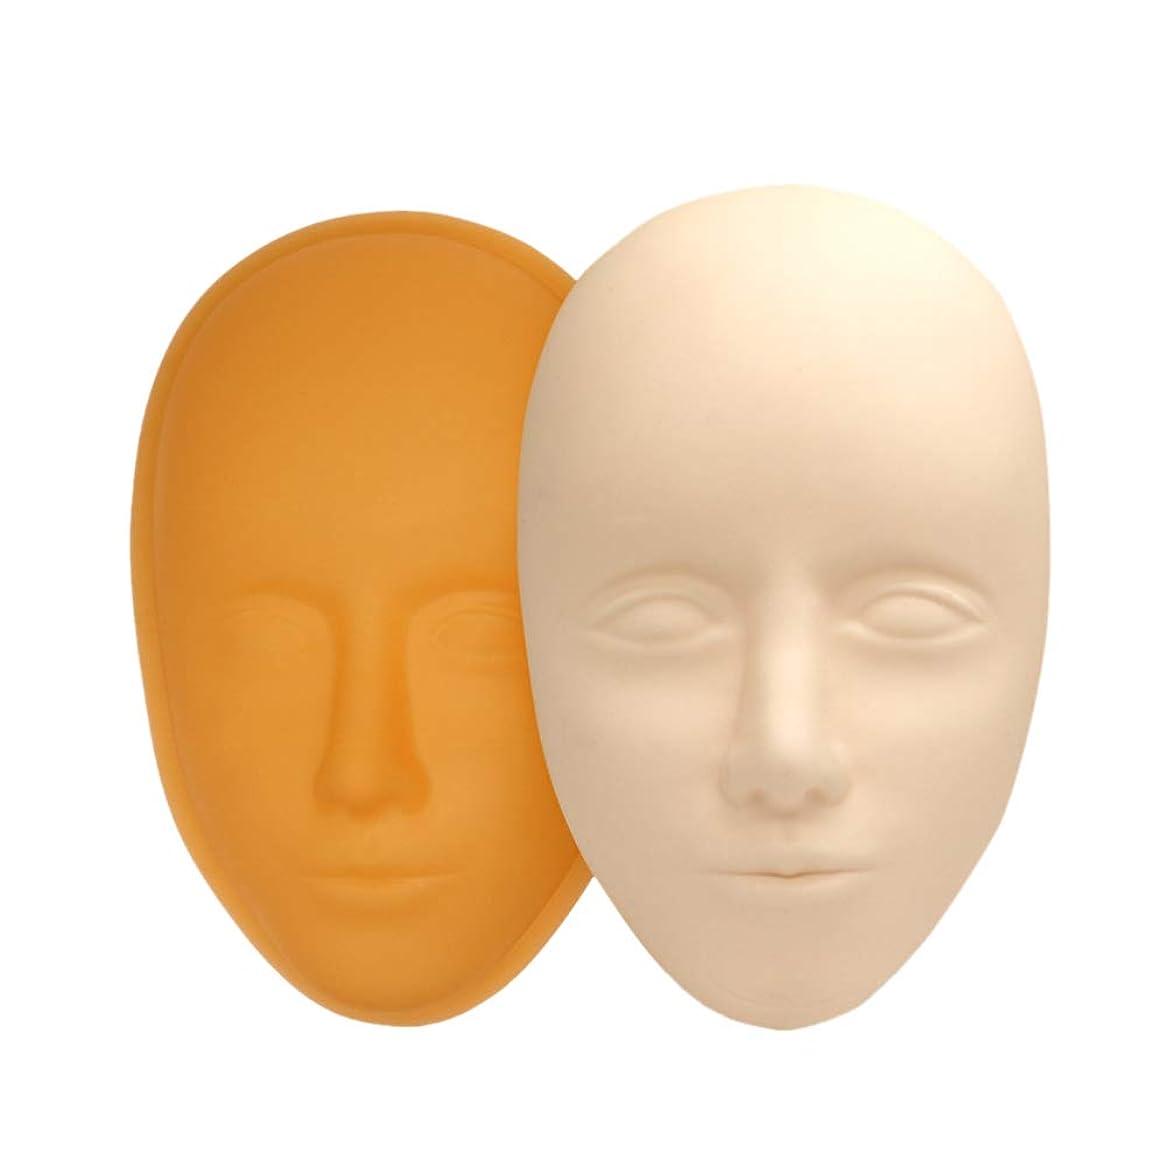 ラップ興奮王室SODIAL 5D フェイシャル トレーニングのヘッド シリコン 練習用パーマネント化粧リップとアイブローのスキン マネキン人形 フェイス ヘッド